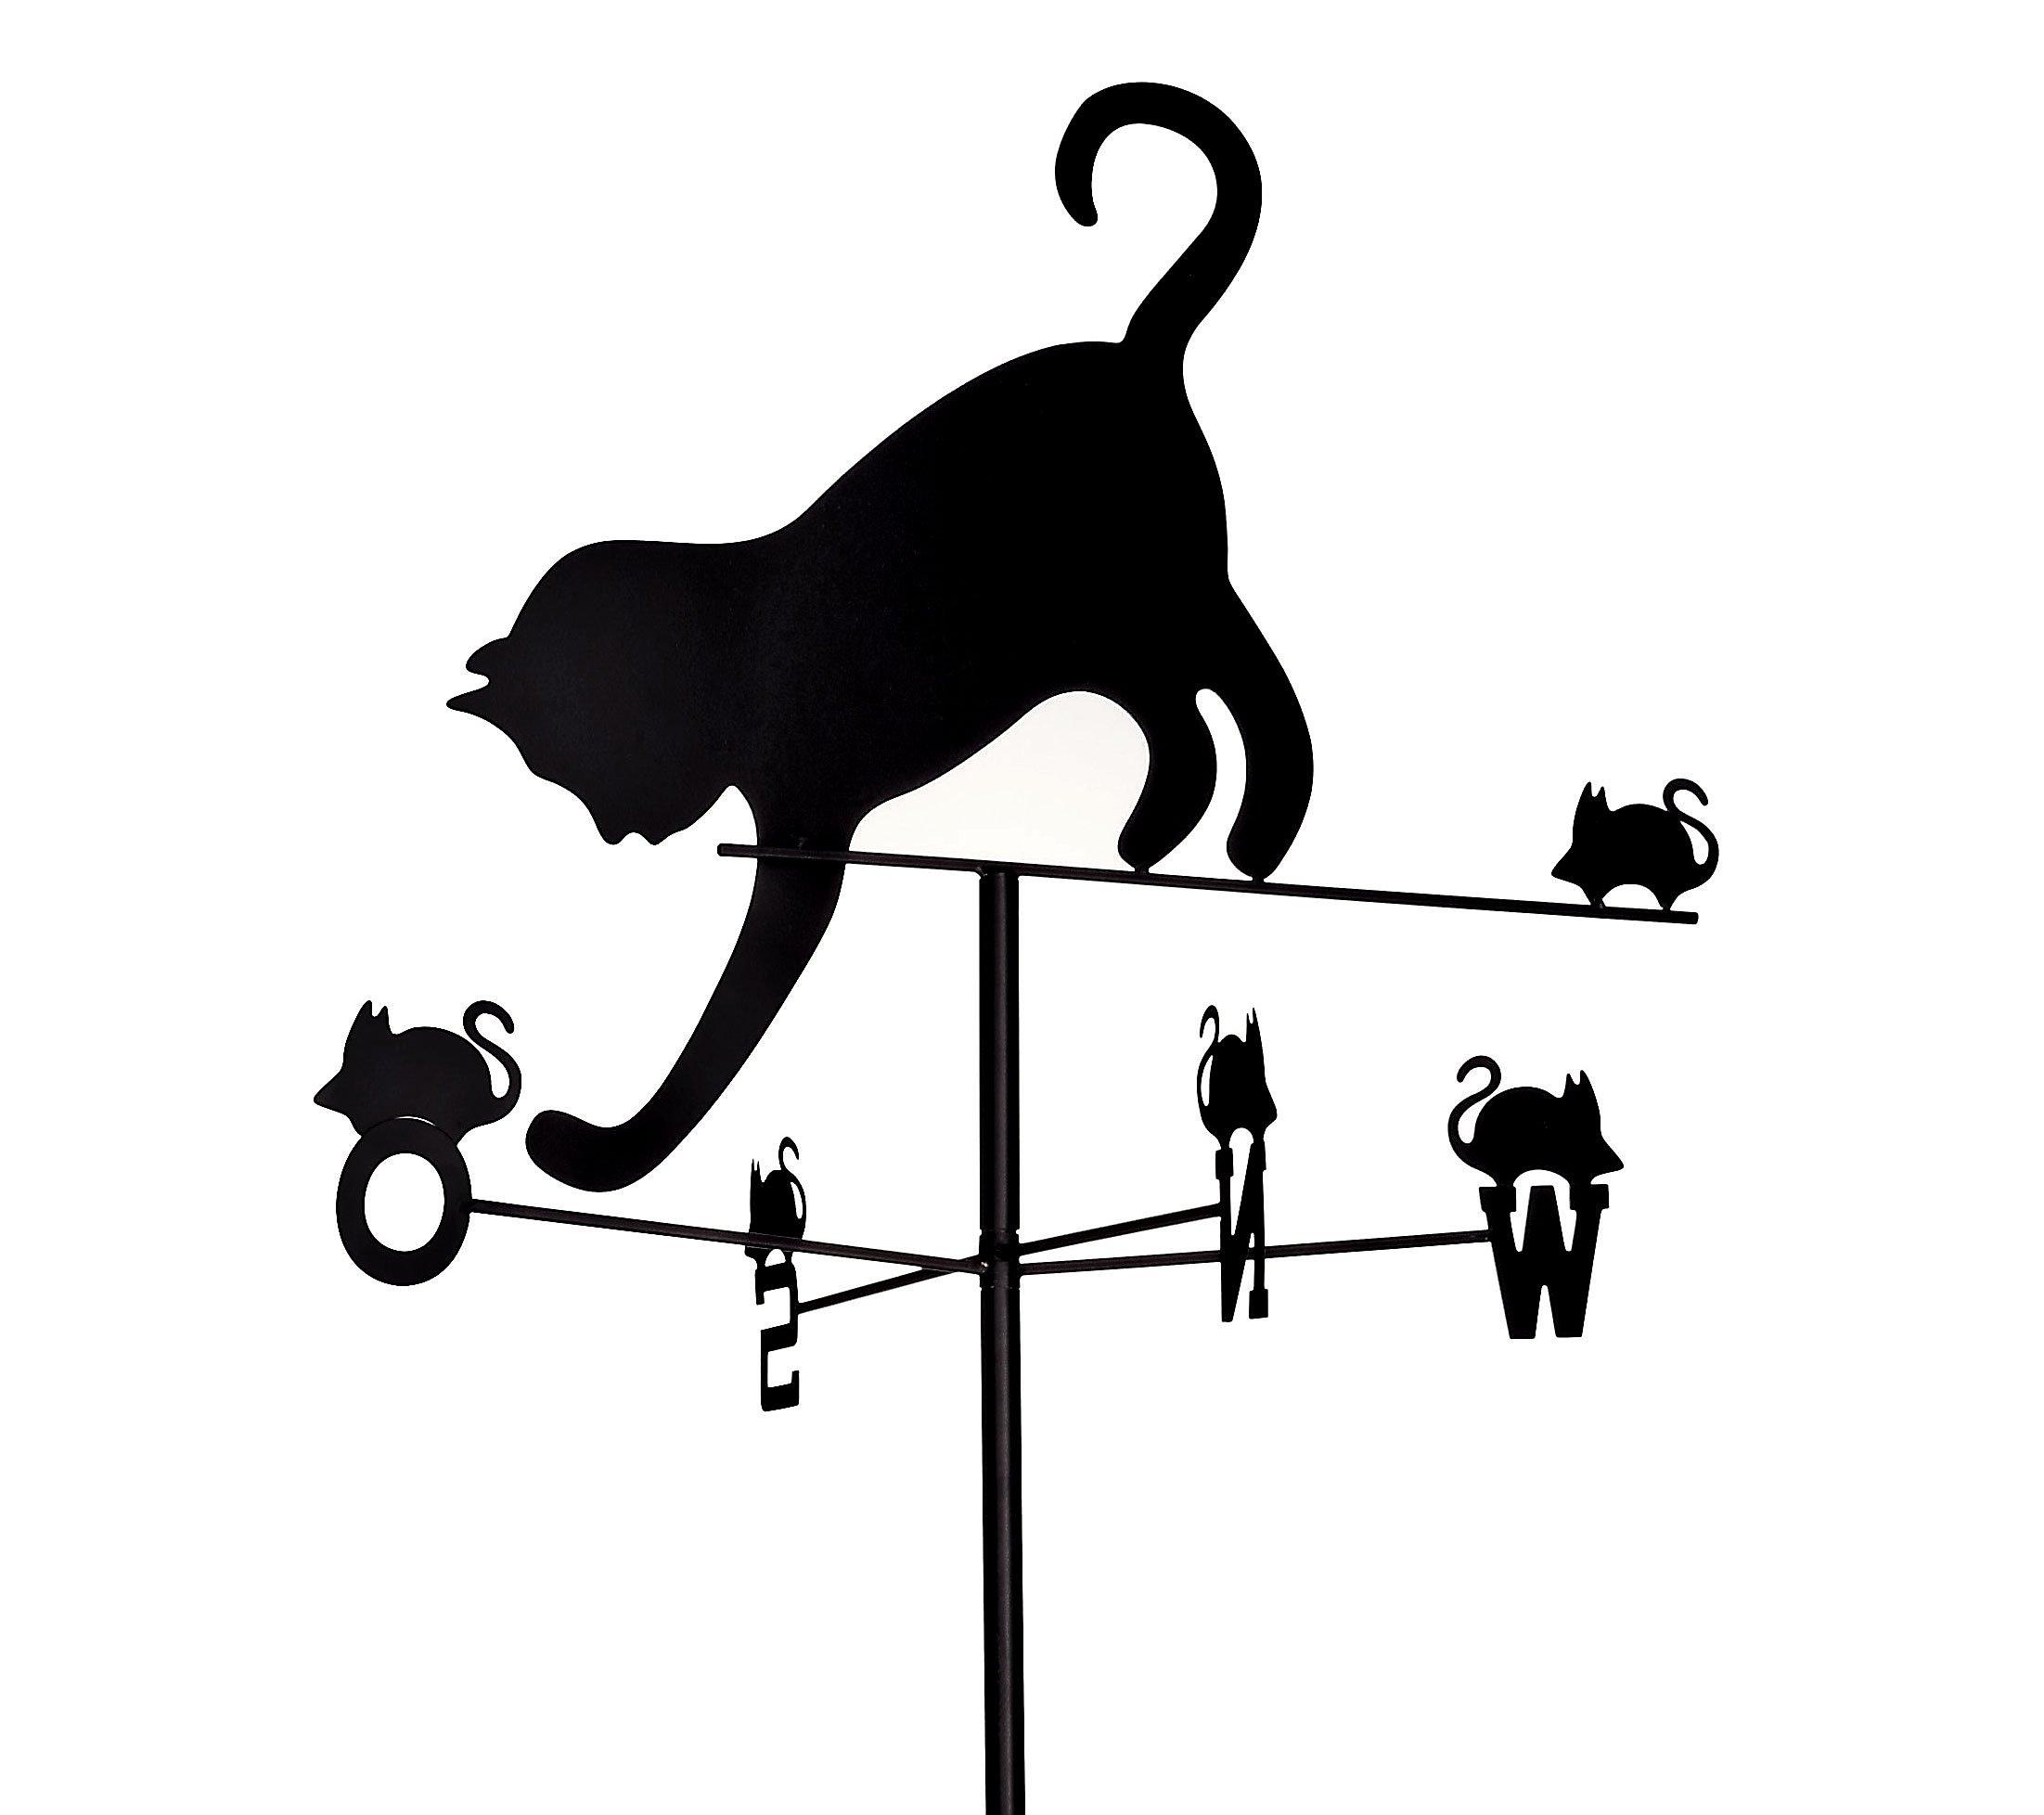 Wetterfahne Katze Jetzt Bei Weltbild.ch Bestellen